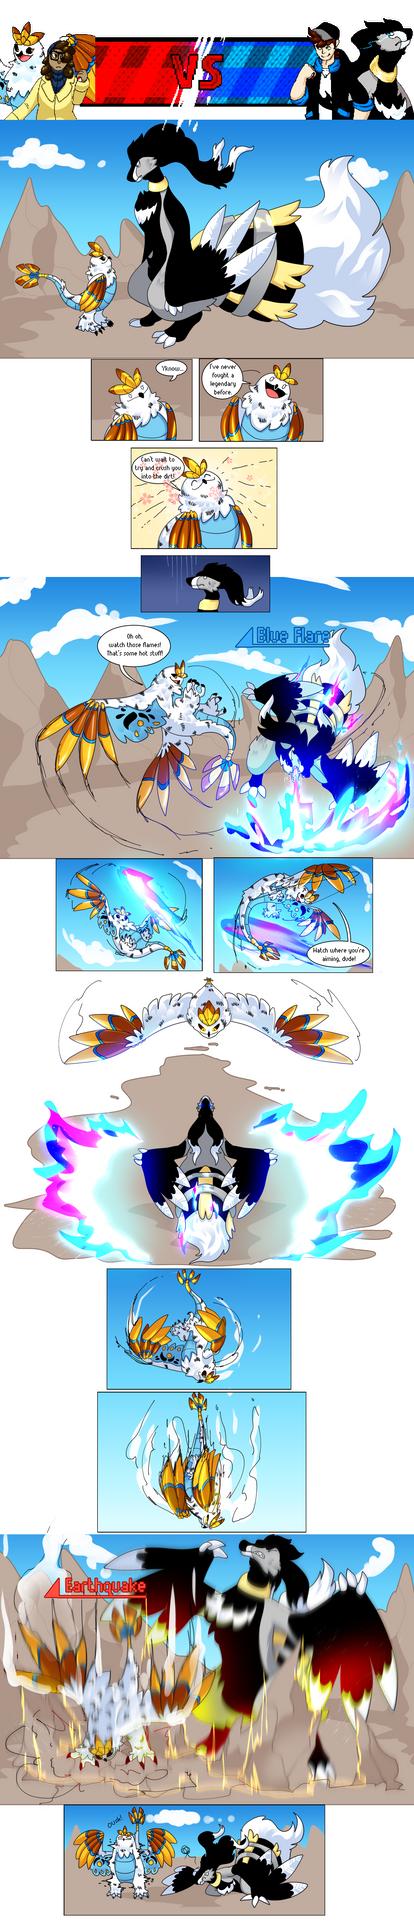 [PKMN] Battle! Vs Prince-Jett's Revelation by splendidcitrus